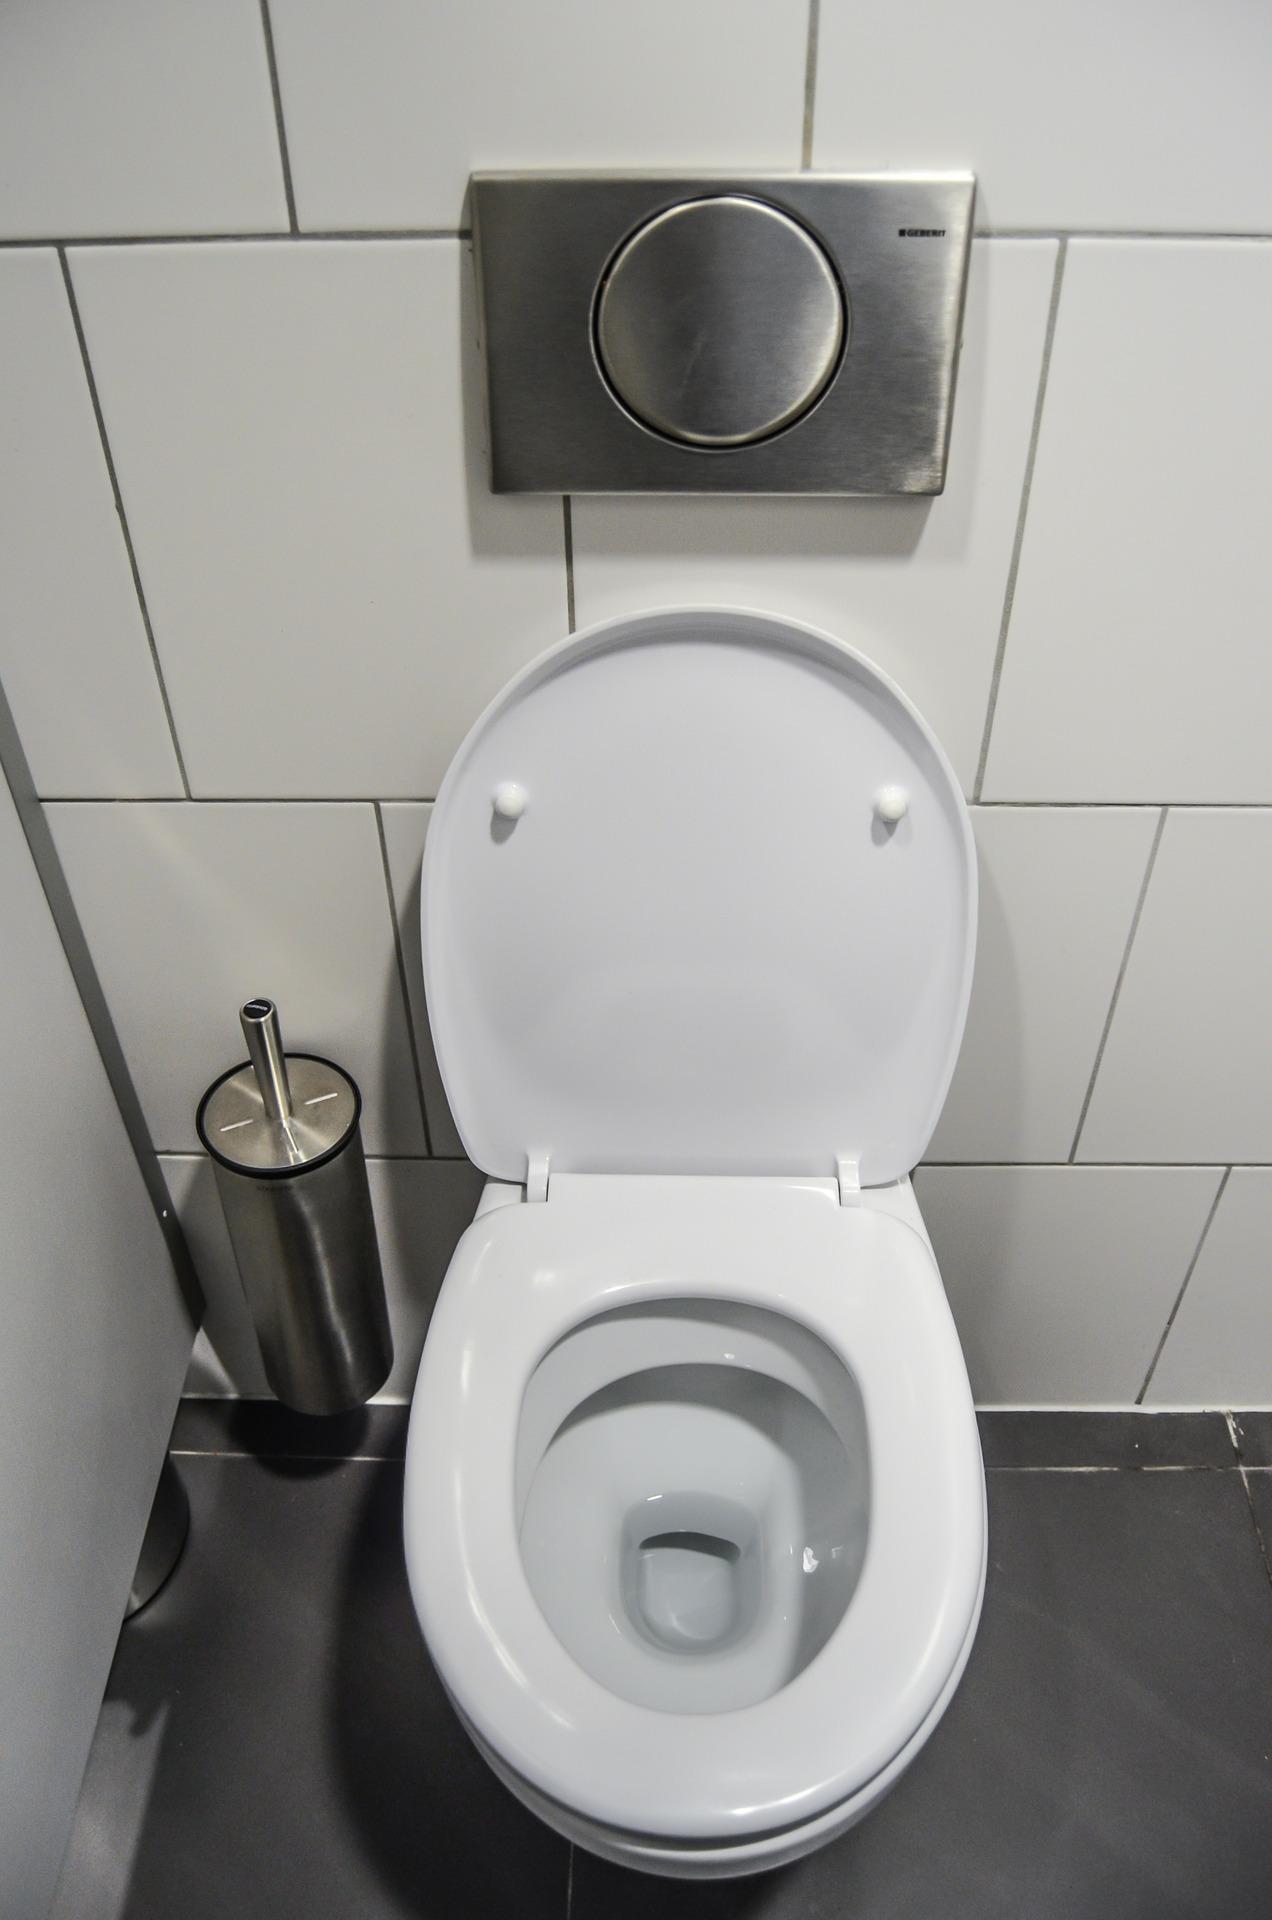 Kalk In De Wc Pot.Oplossing Voor Verwijderen Hardnekkige Vervuiling Toilet